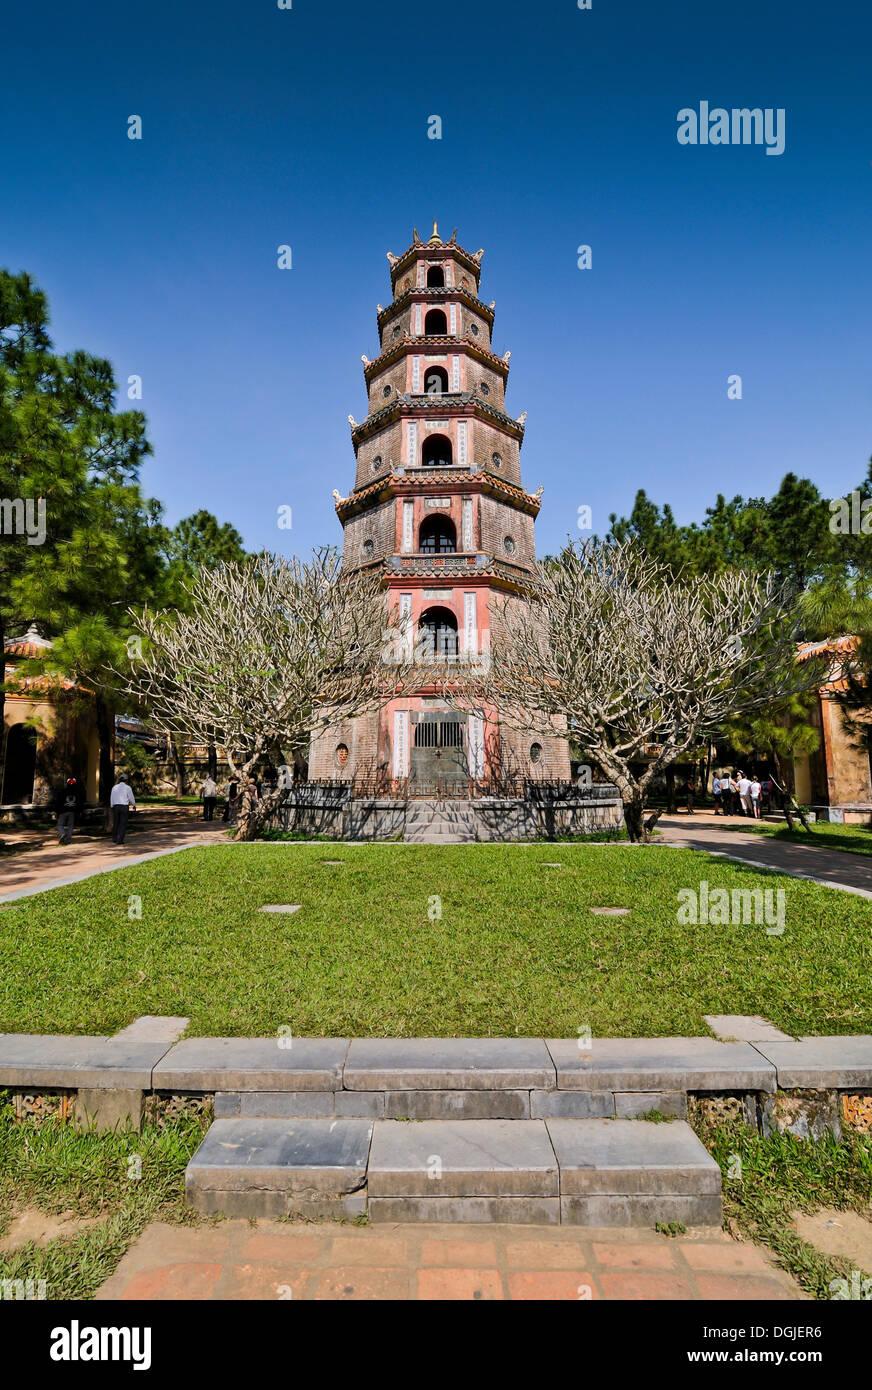 Phuoc Duyen tower ou la pagode de Thien Mu, ou Pagode de la Femme céleste, Hue, UNESCO World Heritage Site, Vietnam, Asie Photo Stock